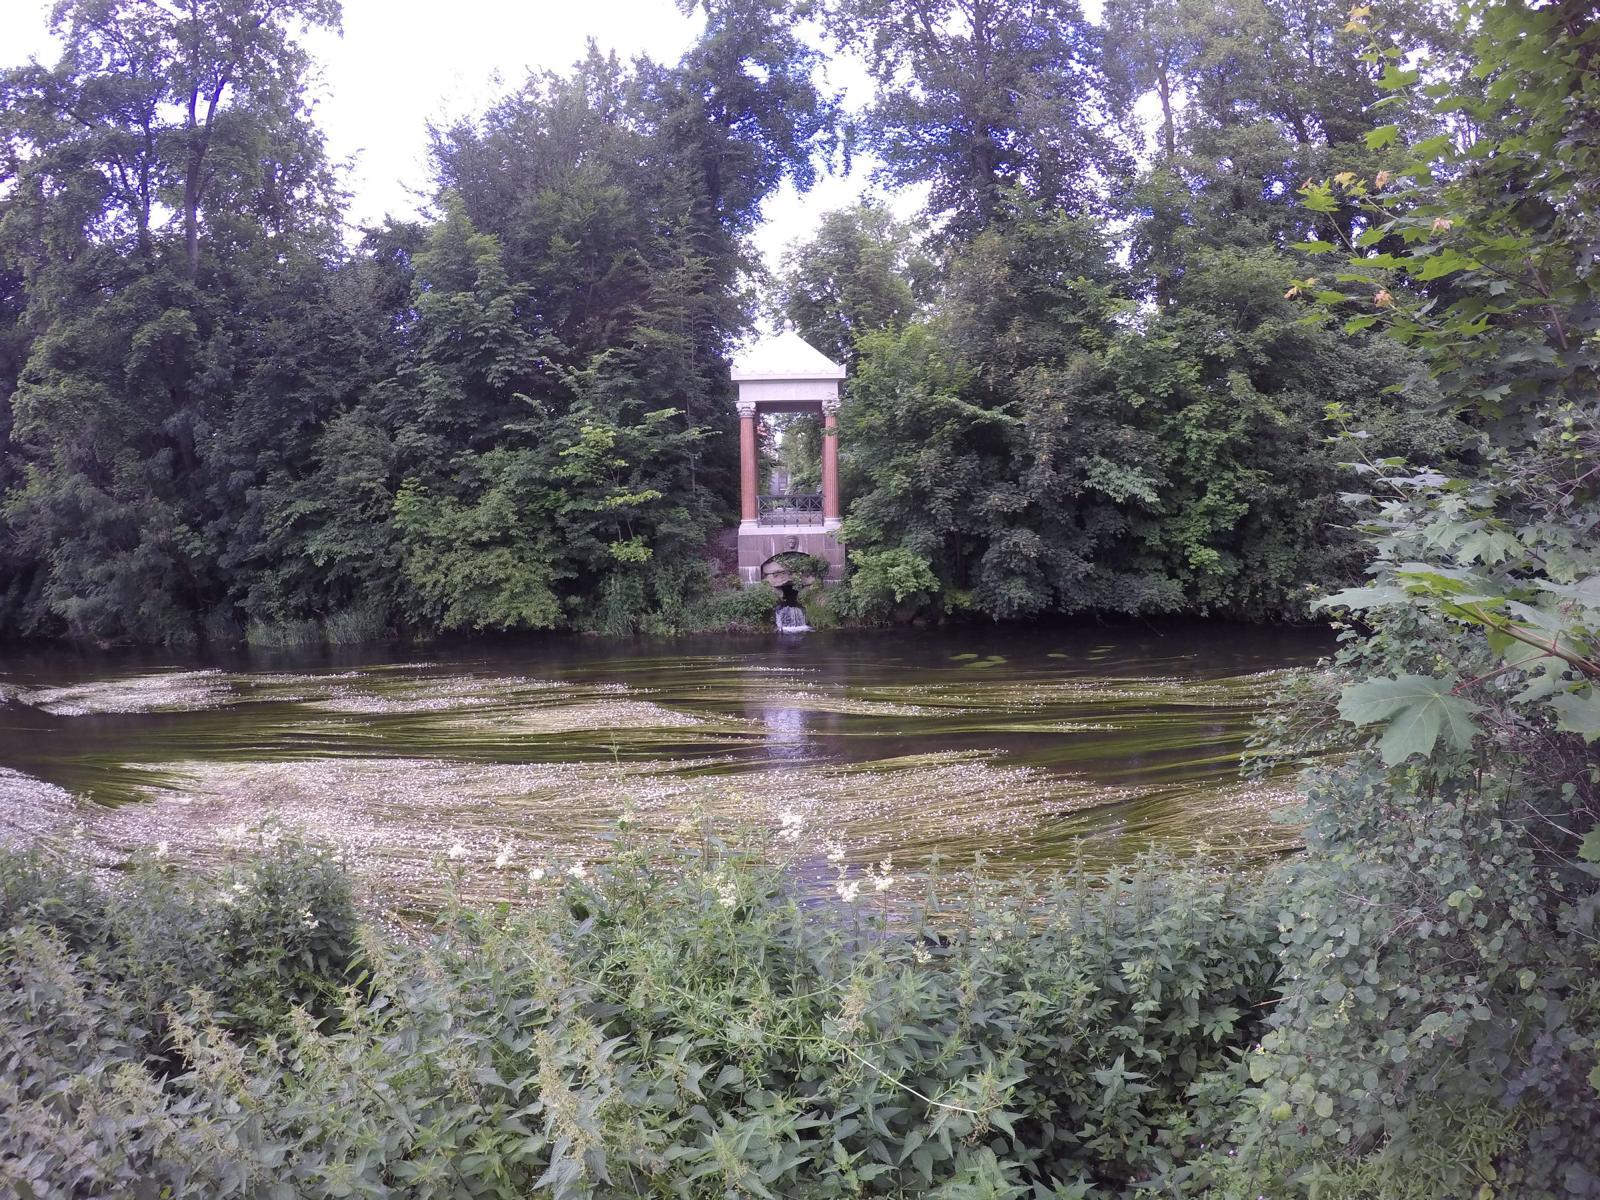 Donau-Quelle-Ursprung-Radreise-Donauradweg